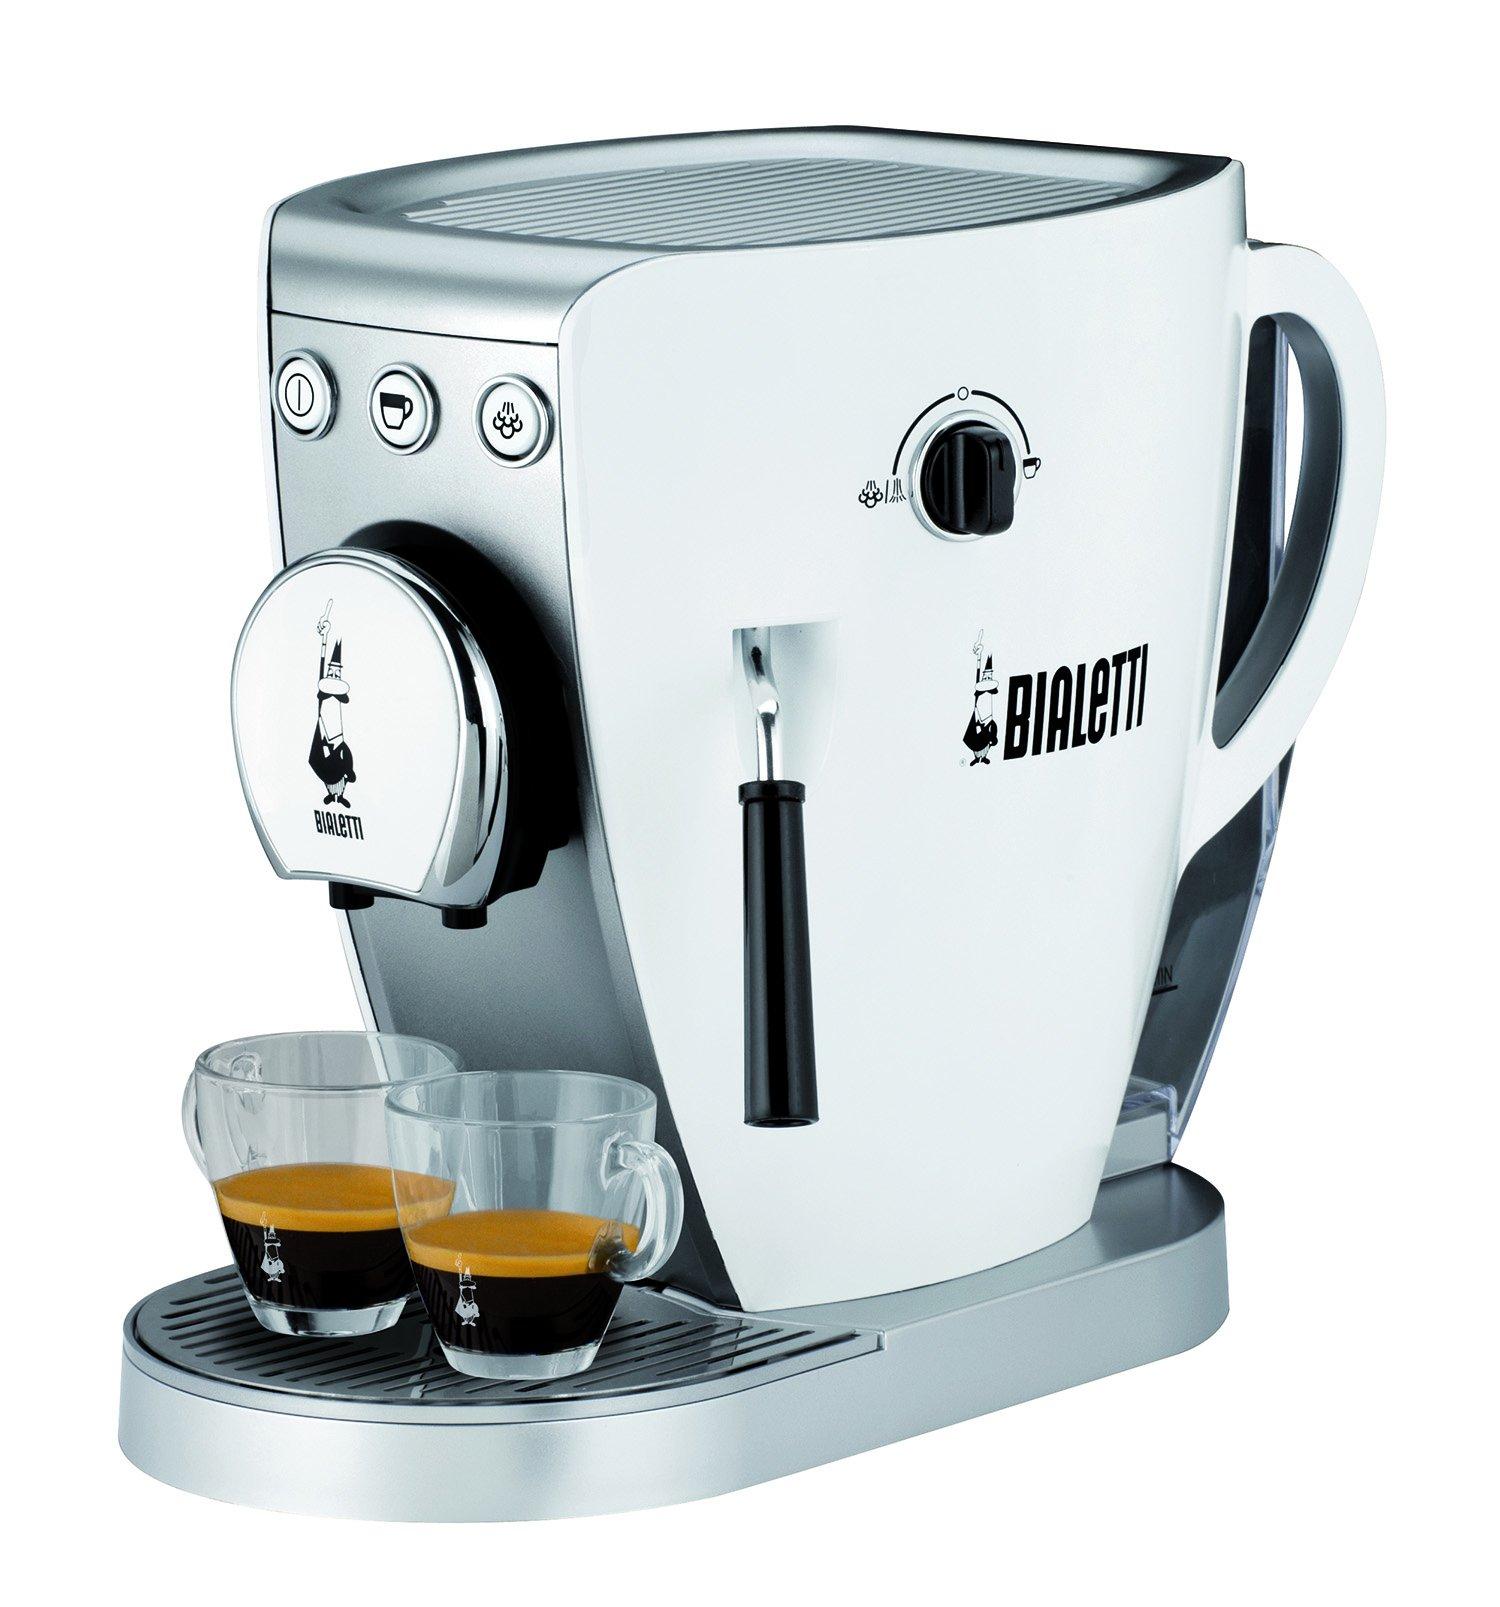 BIALETTI (Bialetti) espresso machine TAZZISSIMA tagissima white CF37-WH